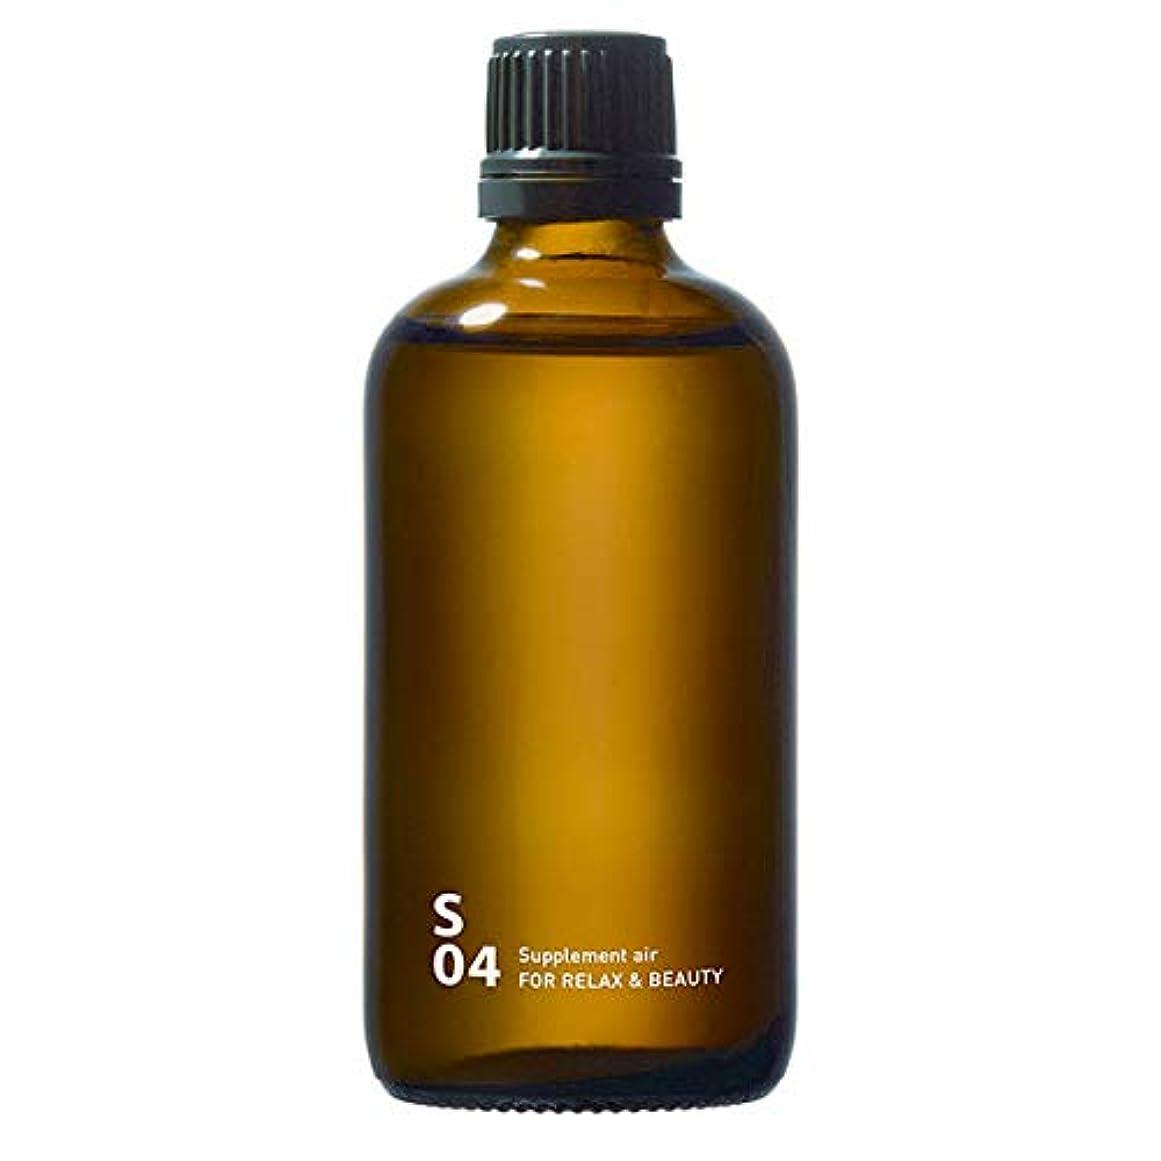 機構いたずらなリア王S04 FOR RELAX & BEAUTY piezo aroma oil 100ml